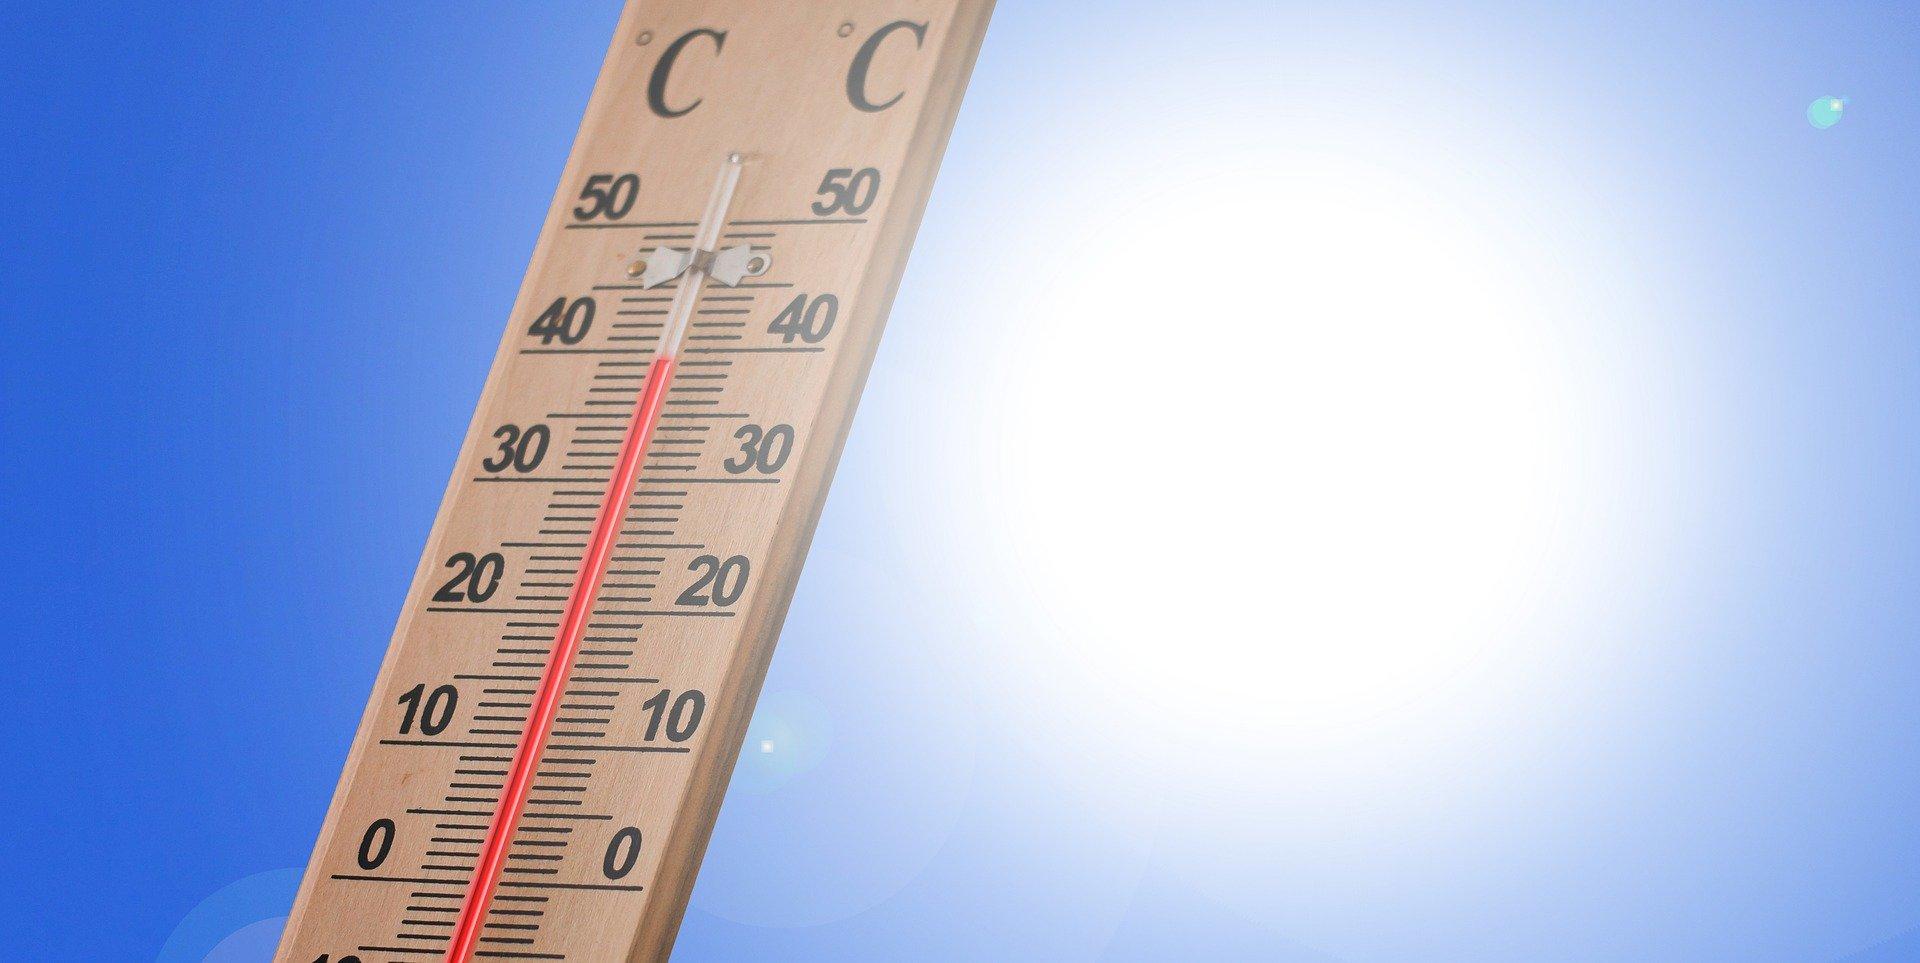 Un thermomètre montrant une forte chaleur   Photo : Pixabay